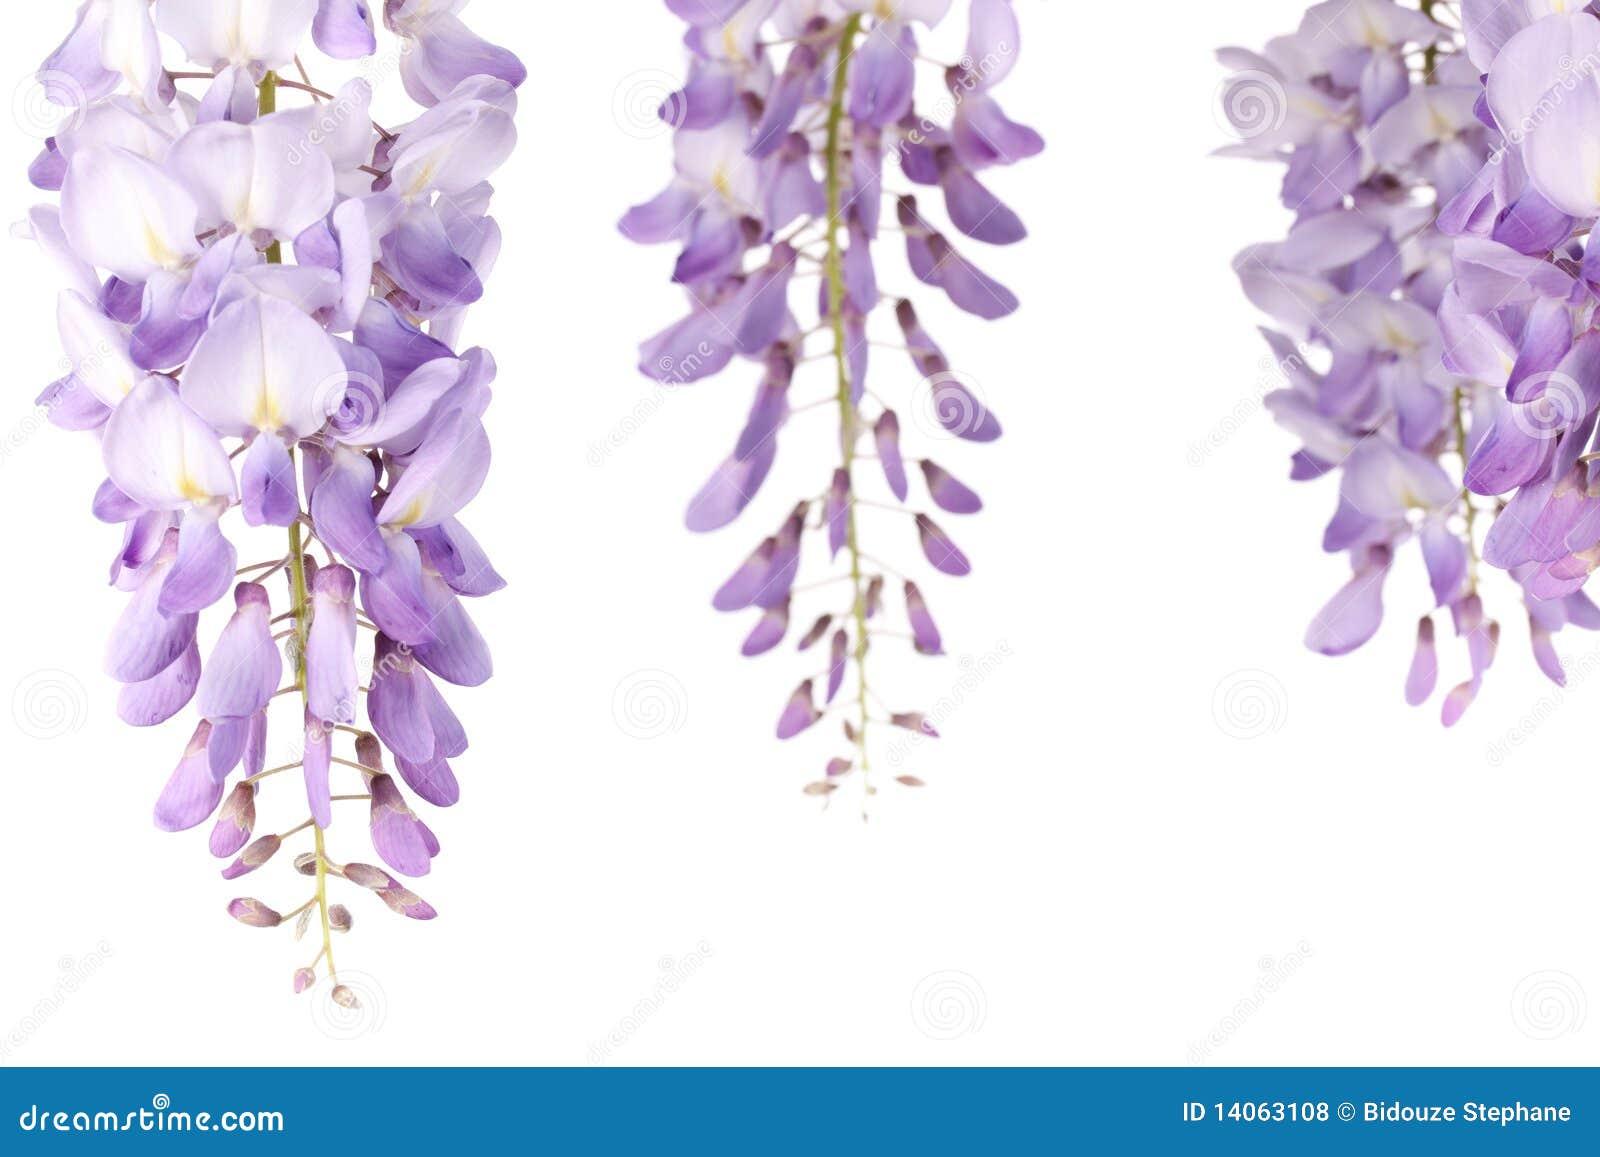 Fiori di glicine fotografia stock immagine di fiore for Glicine disegno